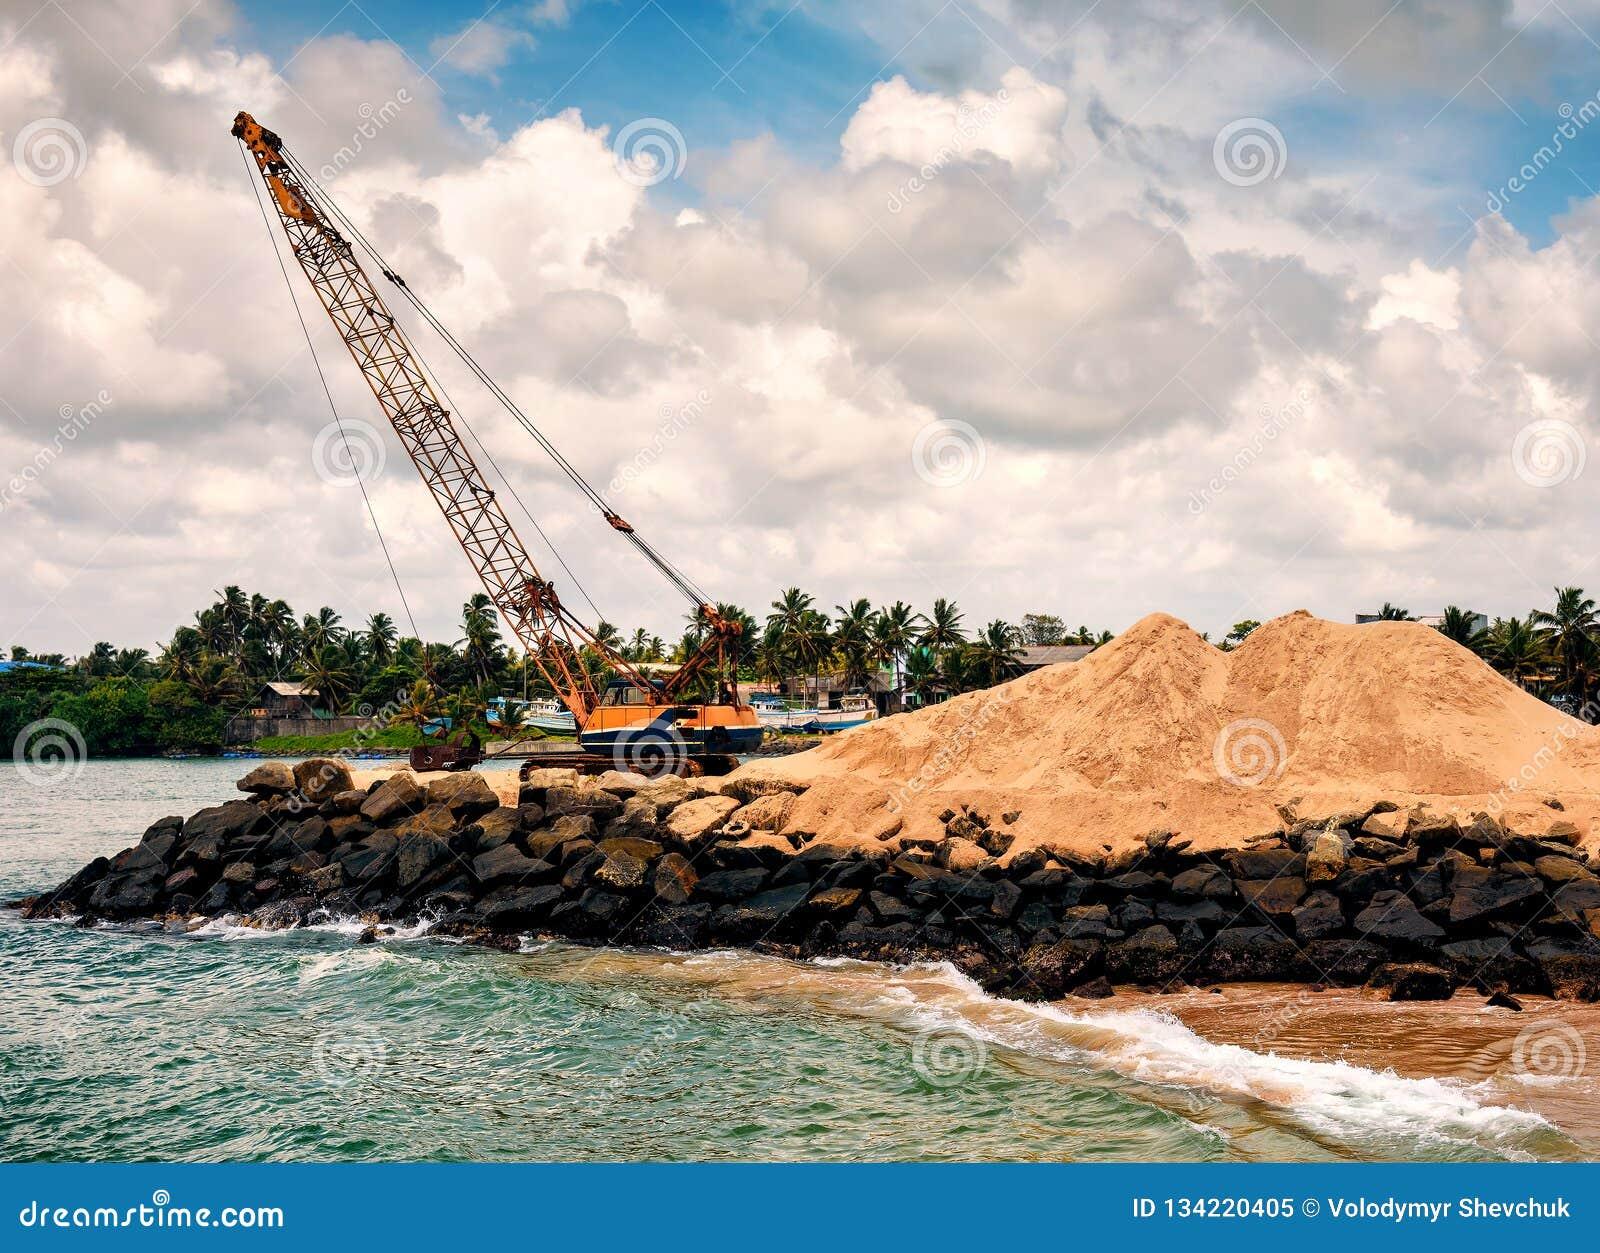 Kranen tar sand från havet